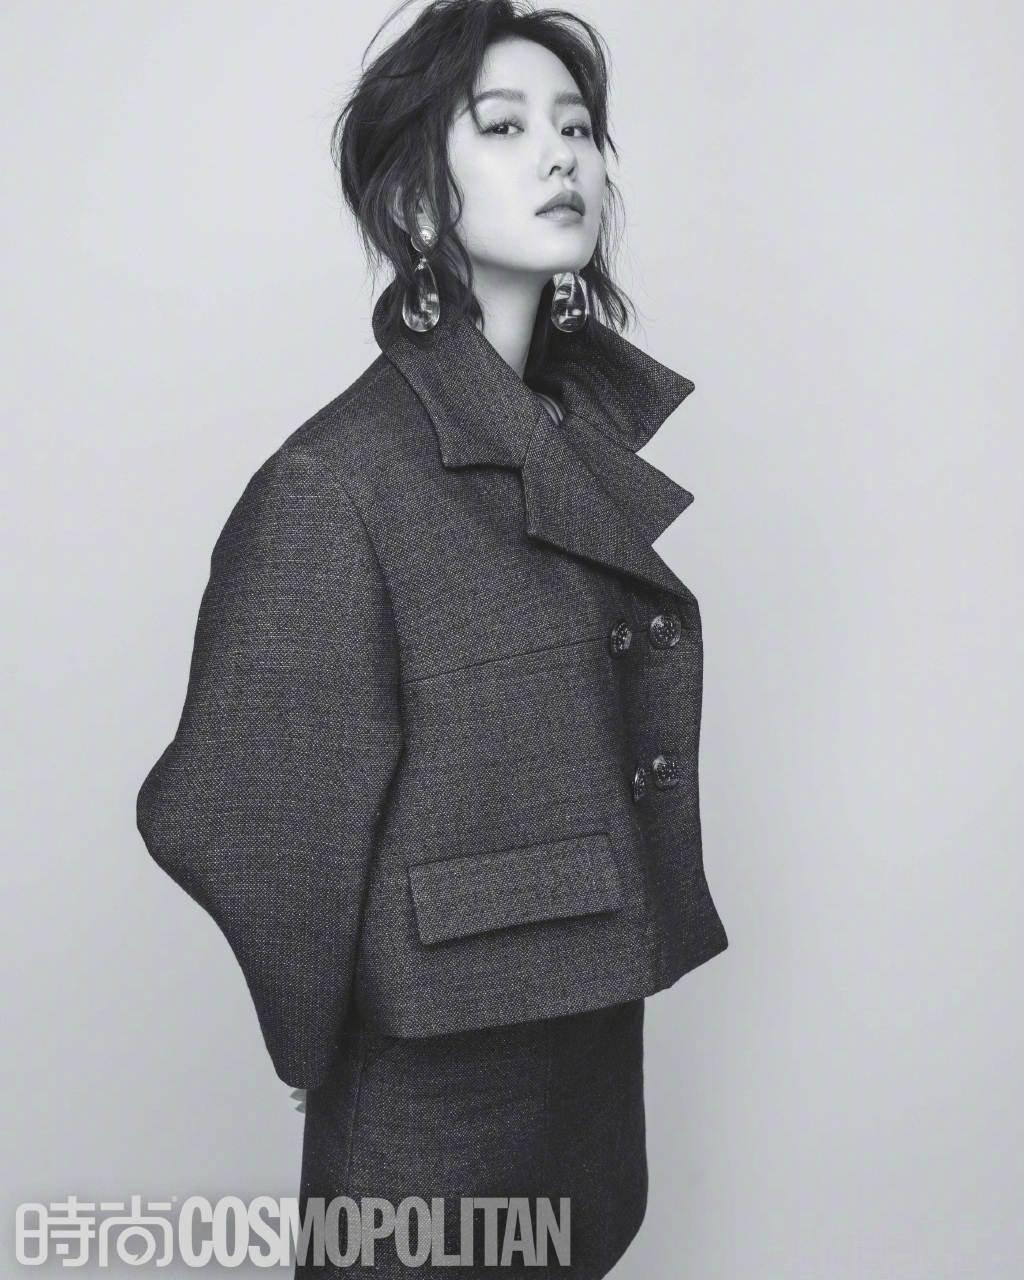 刘诗诗仙气时尚写真图片